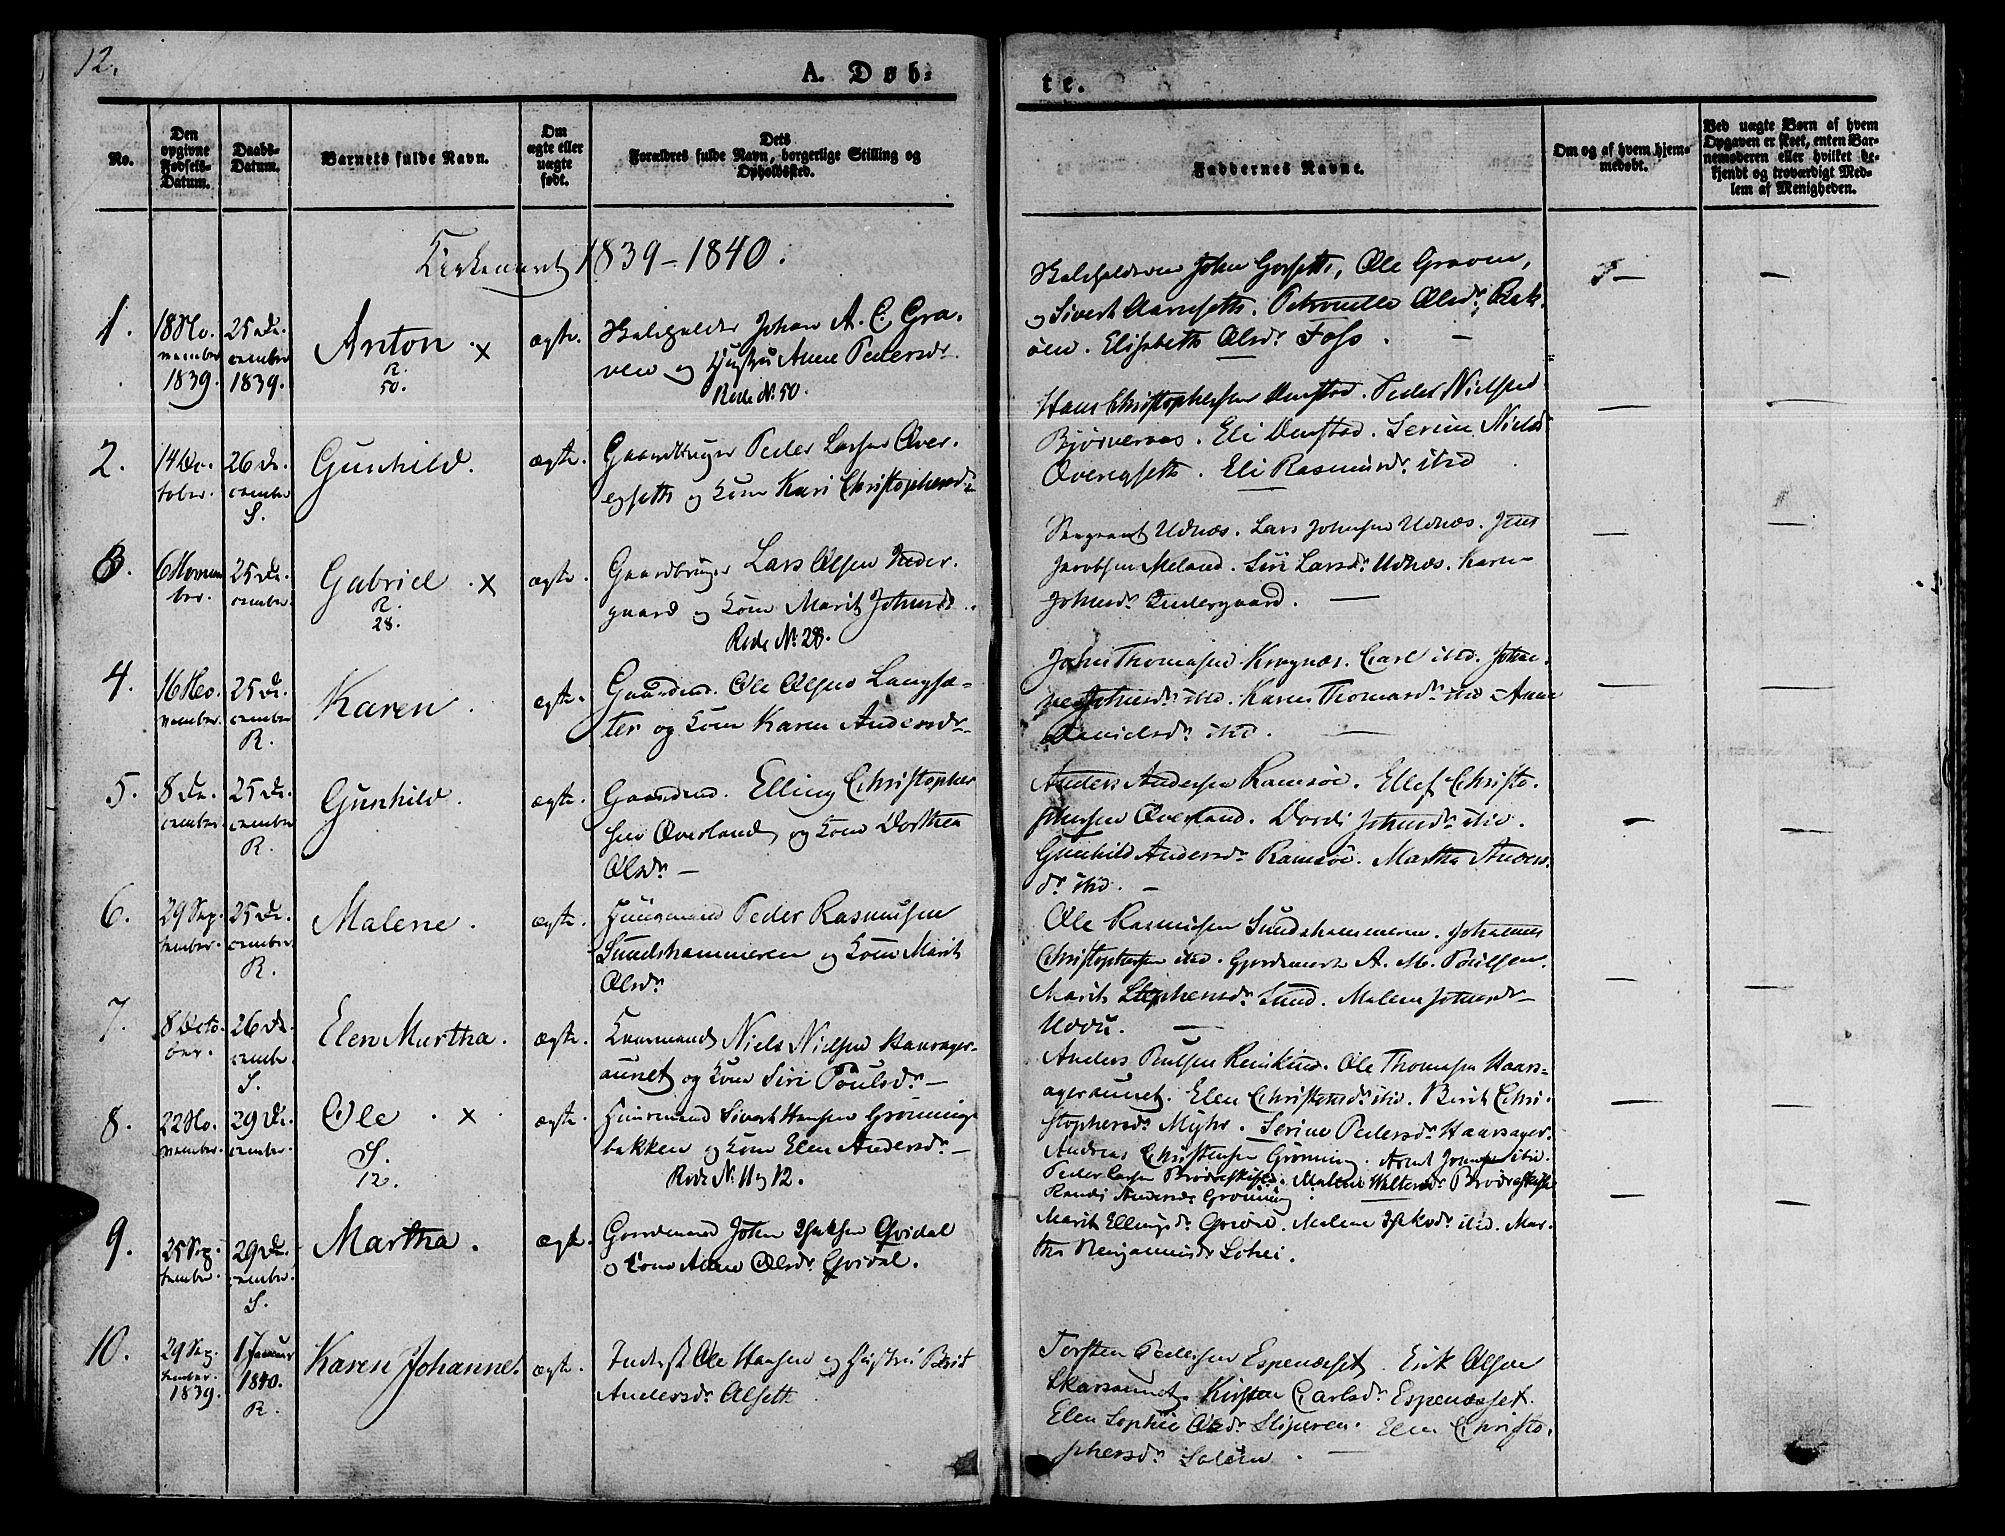 SAT, Ministerialprotokoller, klokkerbøker og fødselsregistre - Sør-Trøndelag, 646/L0610: Ministerialbok nr. 646A08, 1837-1847, s. 12